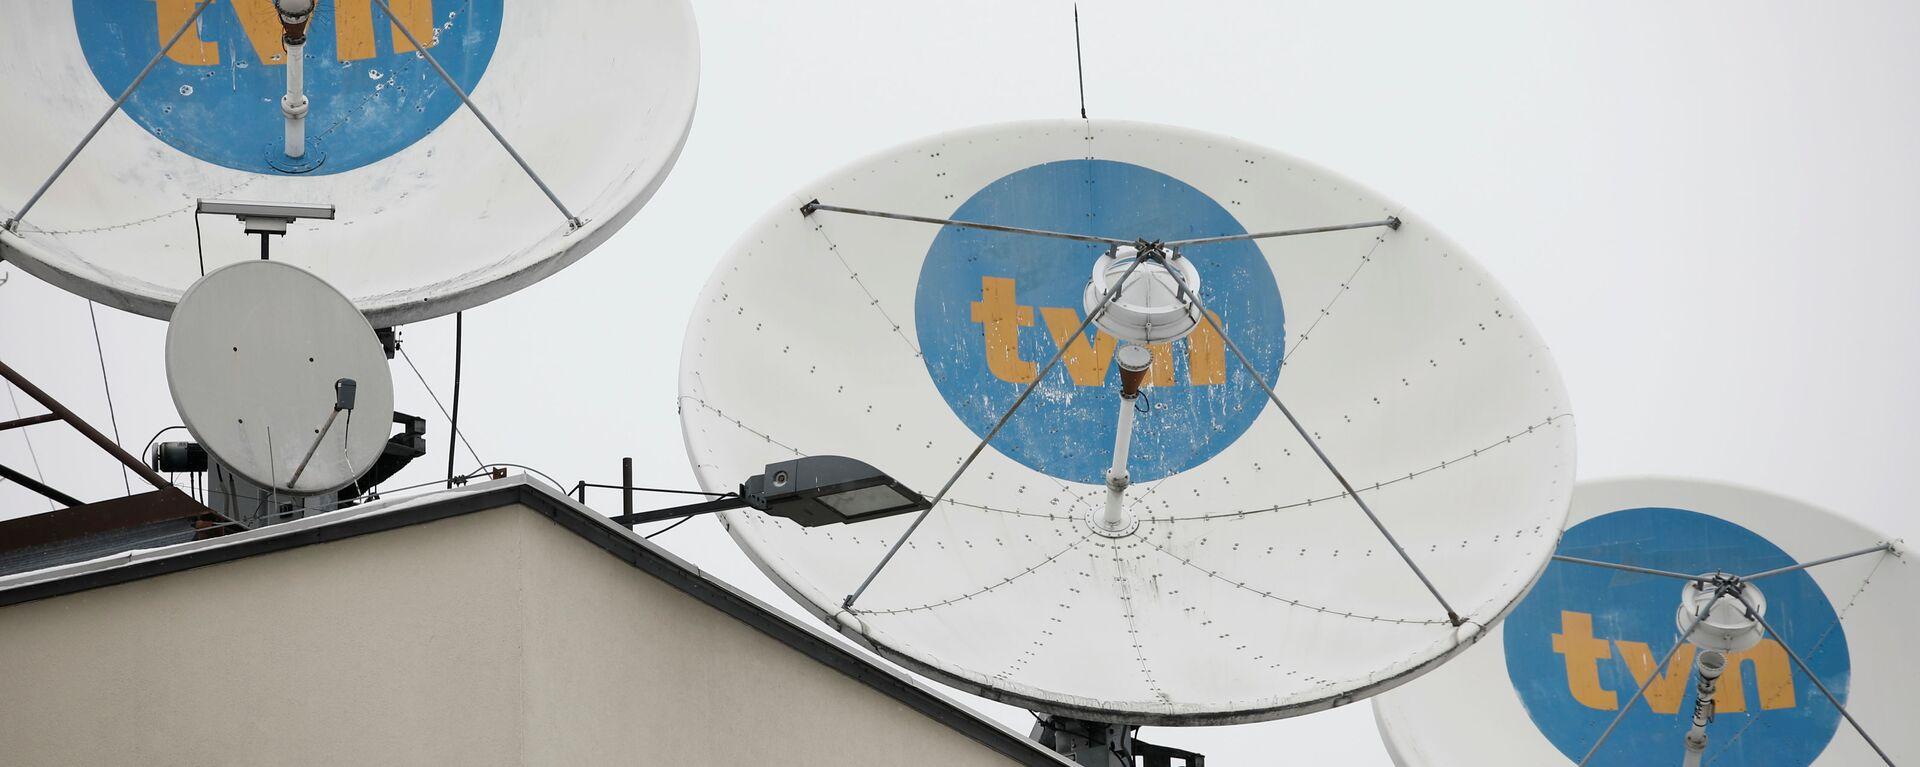 Logo prywatnej stacji TVN na antenach satelitarnych w siedzibie firmy w Warszawie - Sputnik Polska, 1920, 12.08.2021